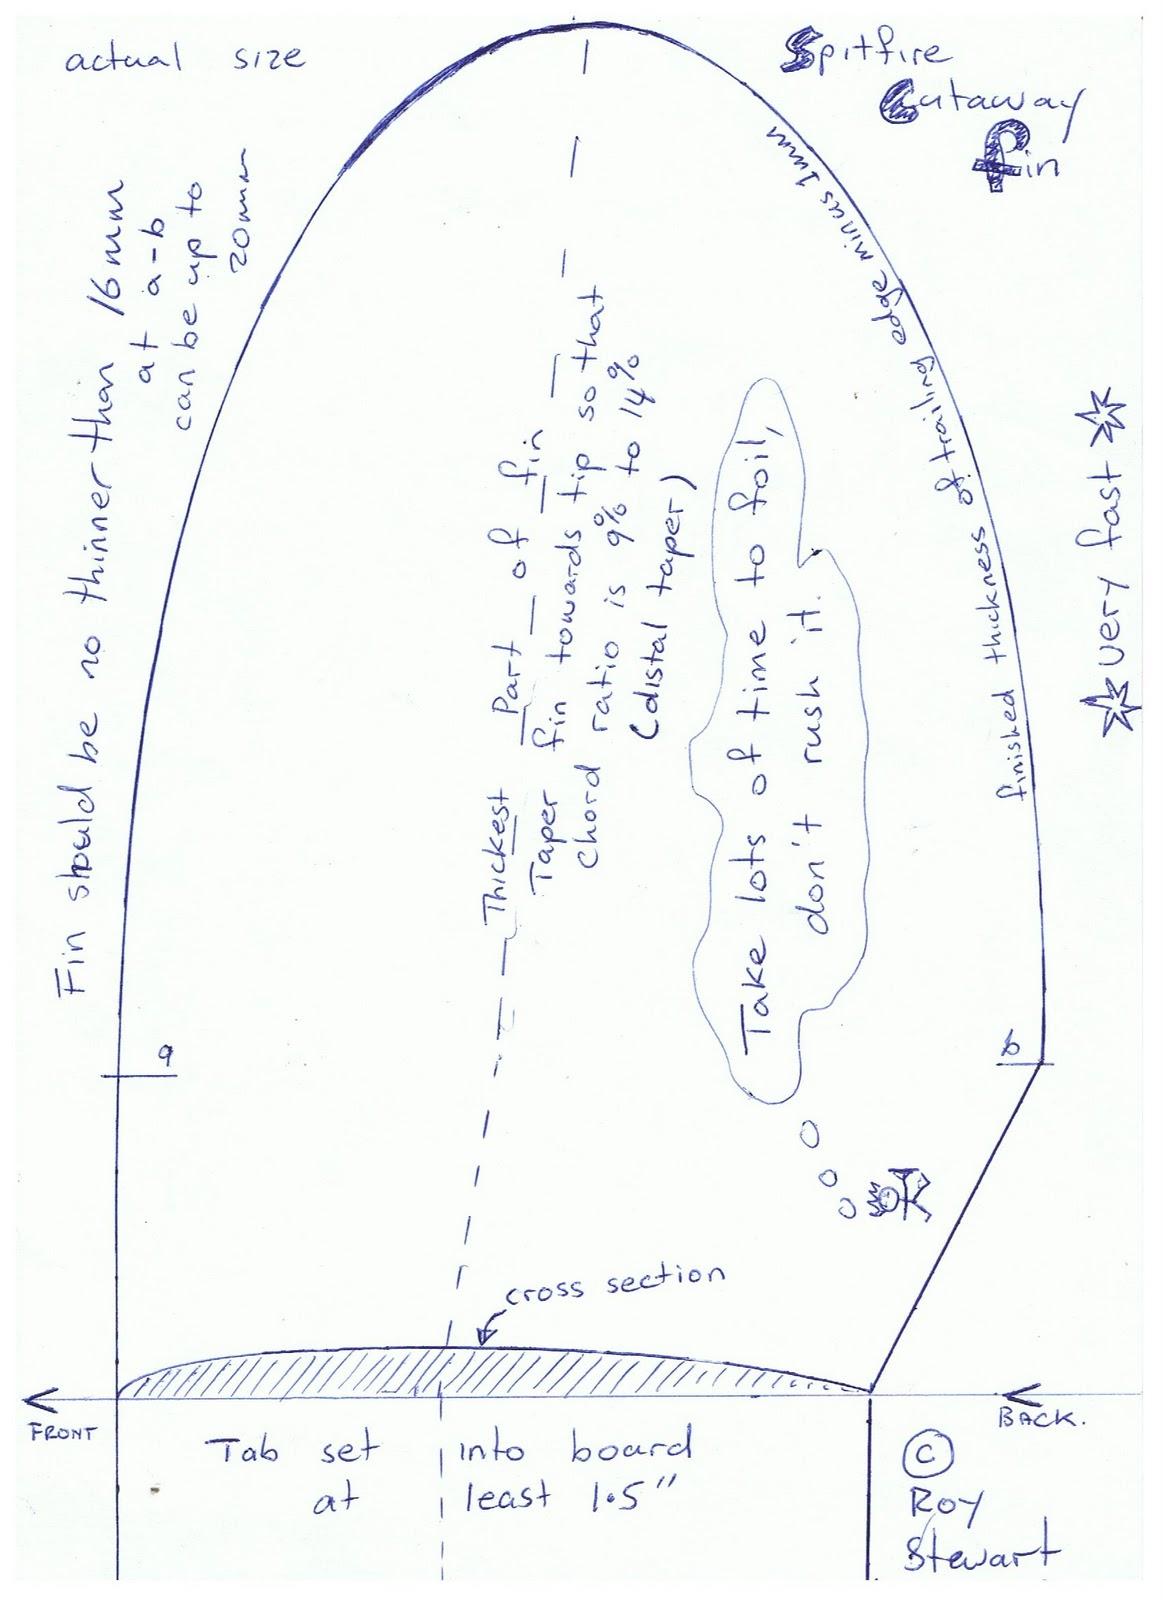 A free spitfire cutaway surfboard fin template | RoyStuart.biz